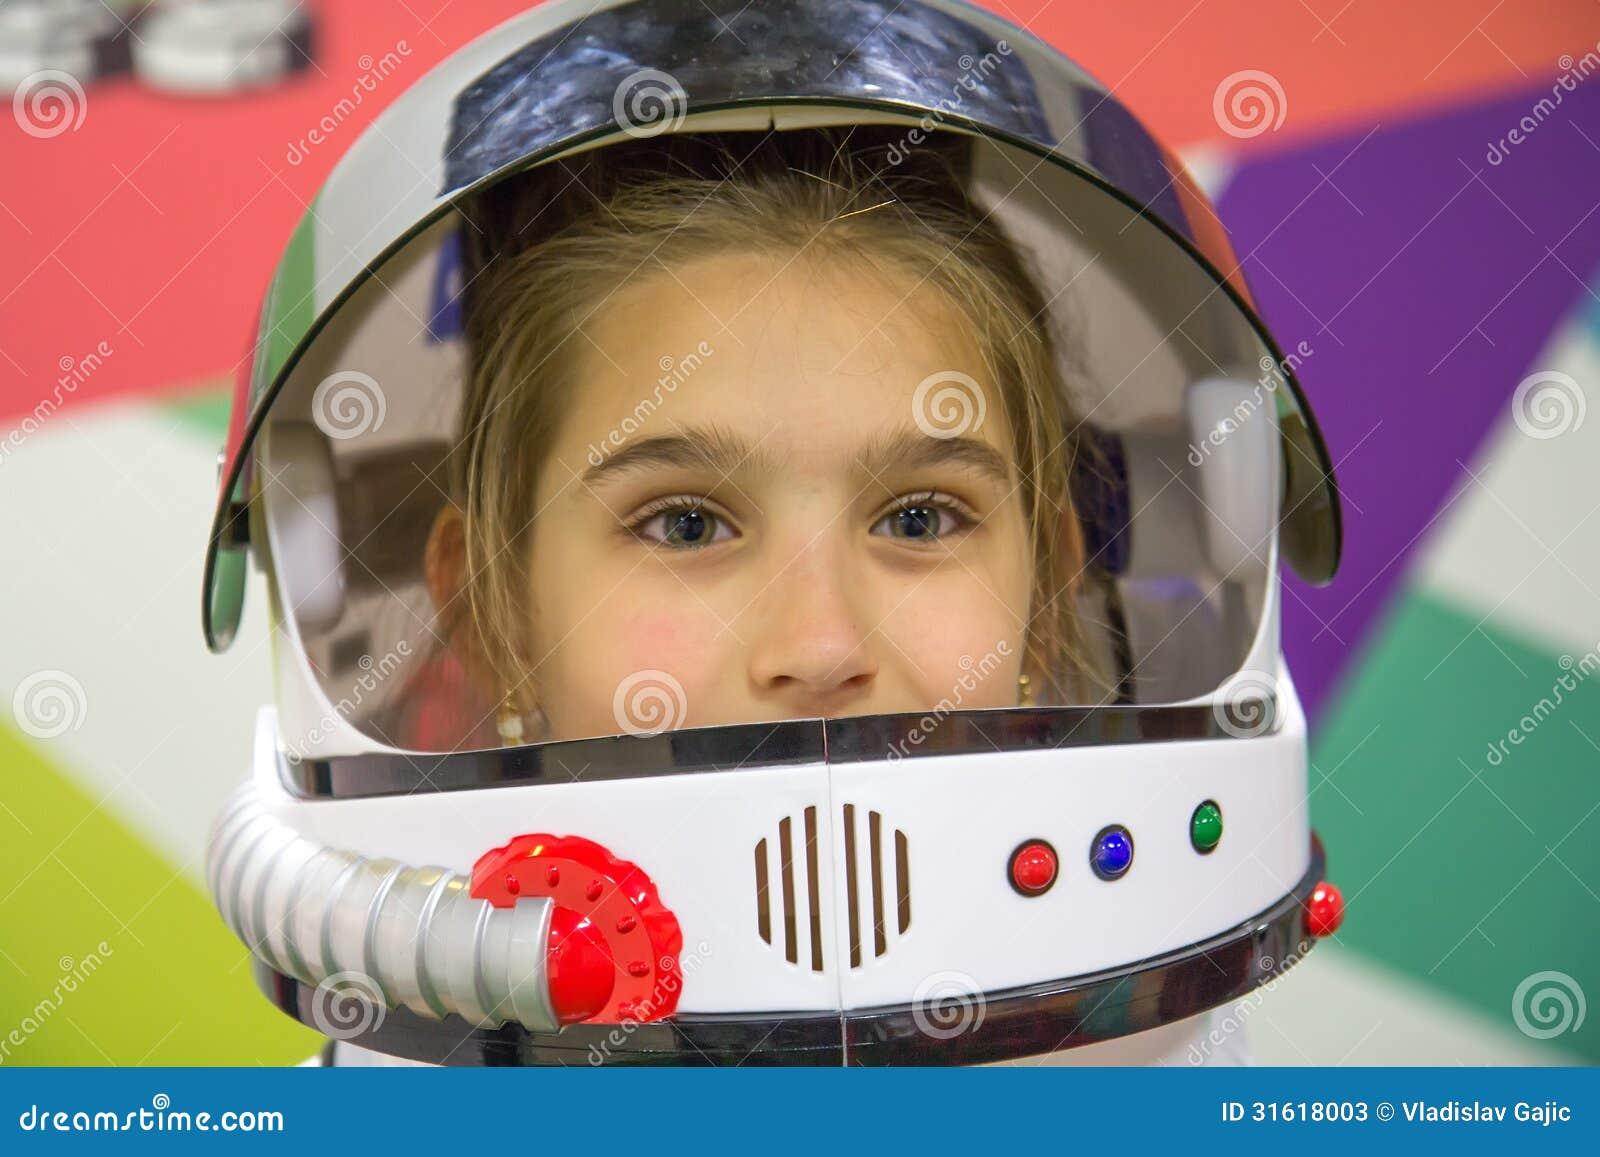 girl in astronaut helmet - photo #11